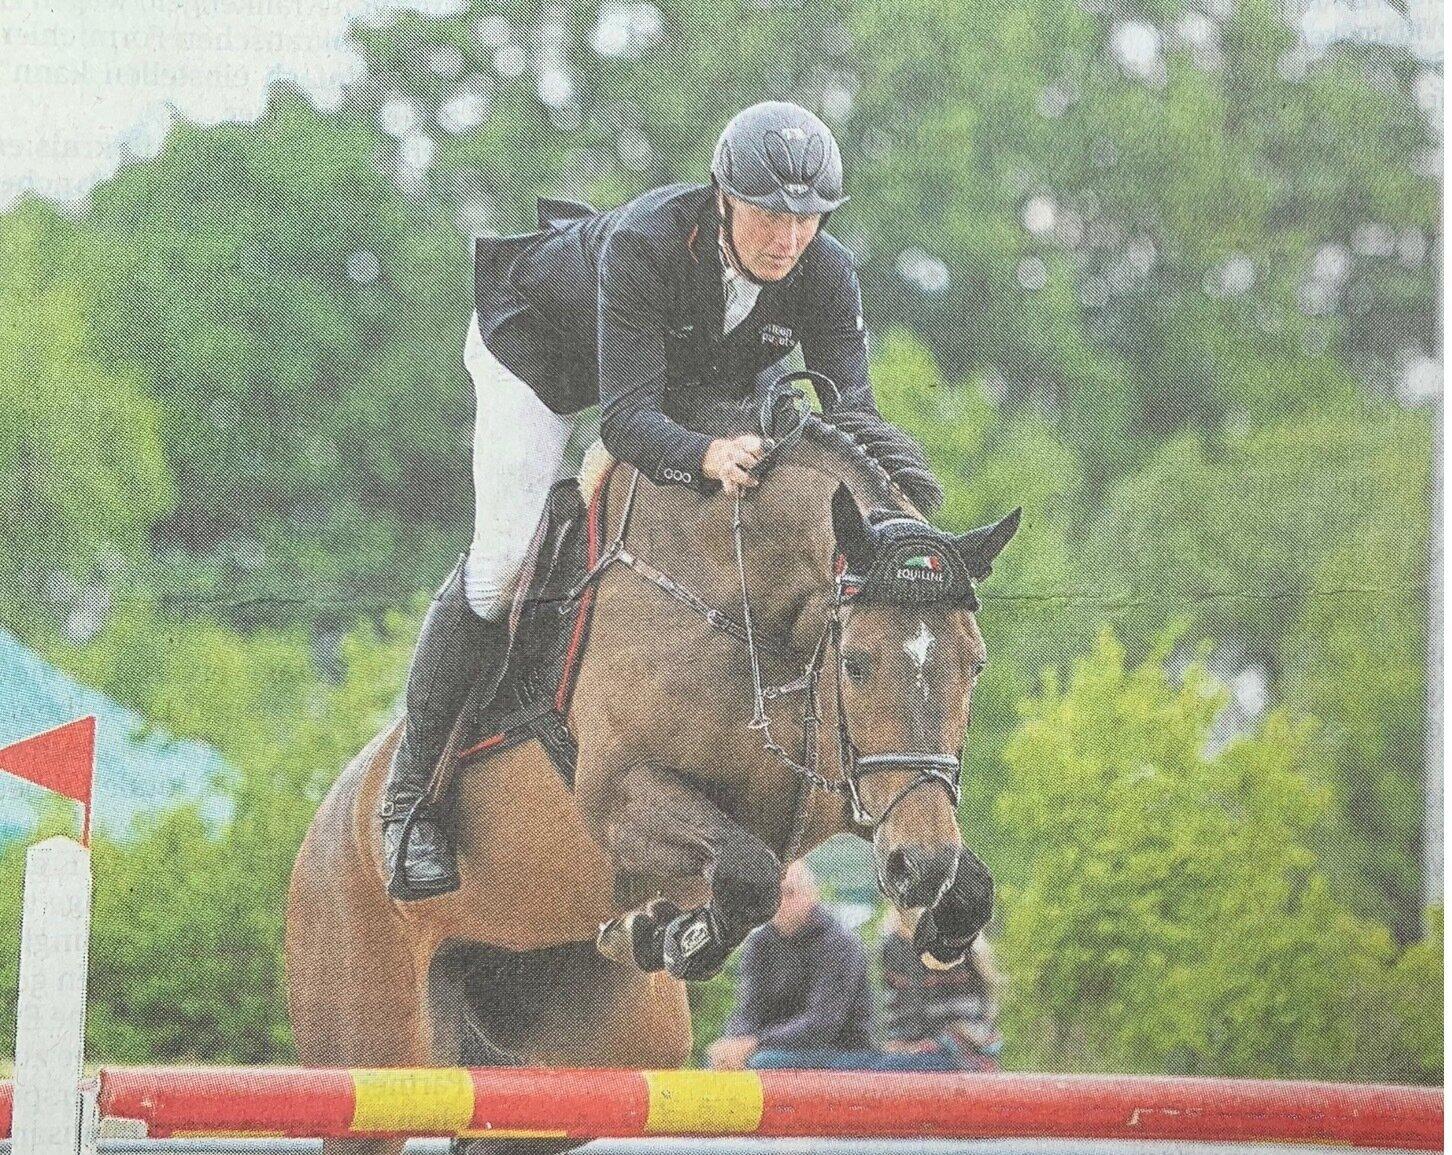 Derbysieger Andre Thieme siegte am vergangenen Wochenende in Grabow in beiden Springen der schweren Klasse